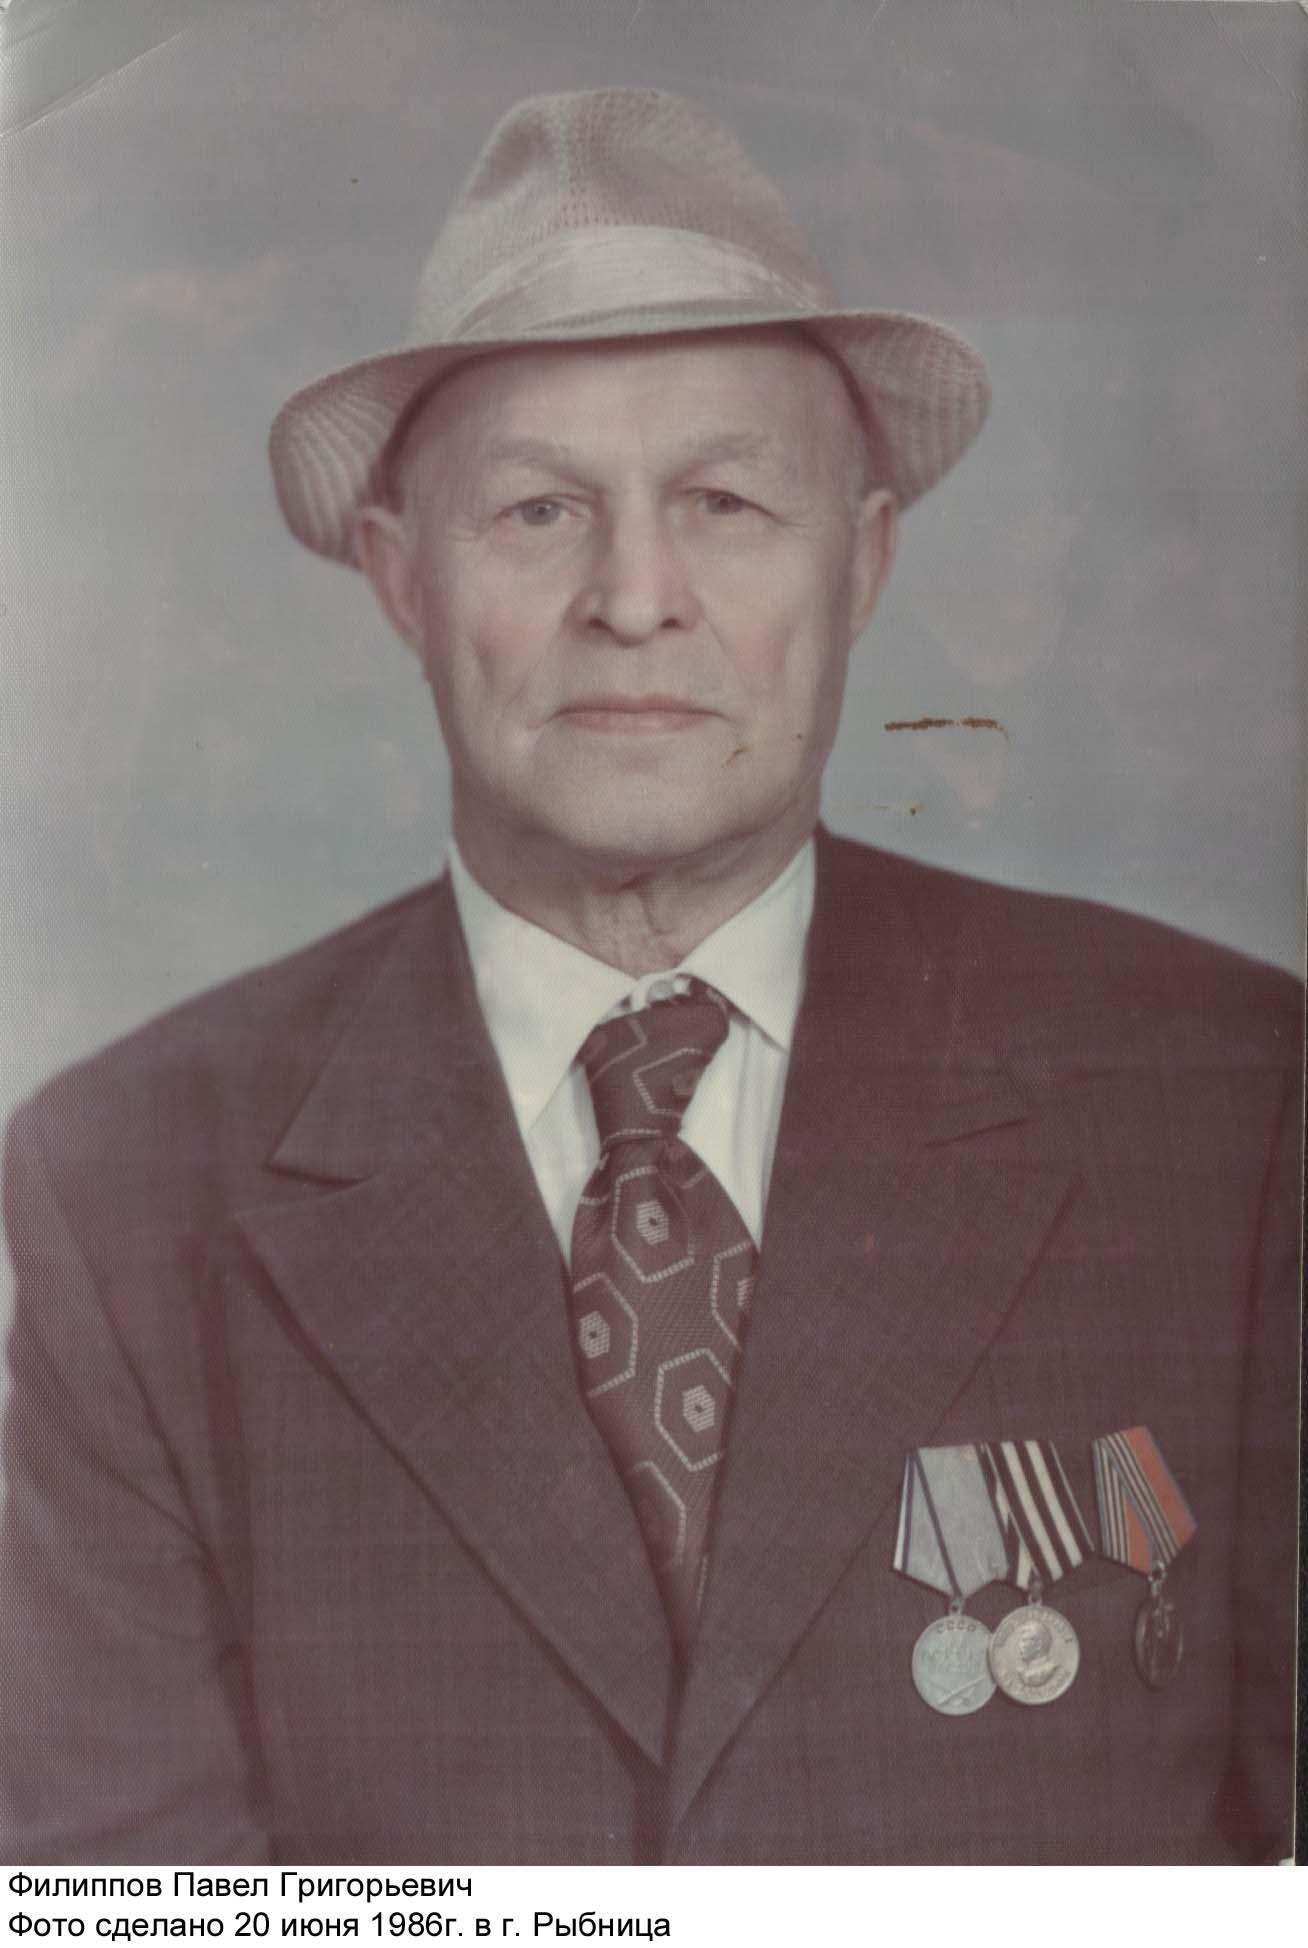 Филиппов Павел Григорьевич. Фото сделано 20 июня 1986 г. в Рыбнице